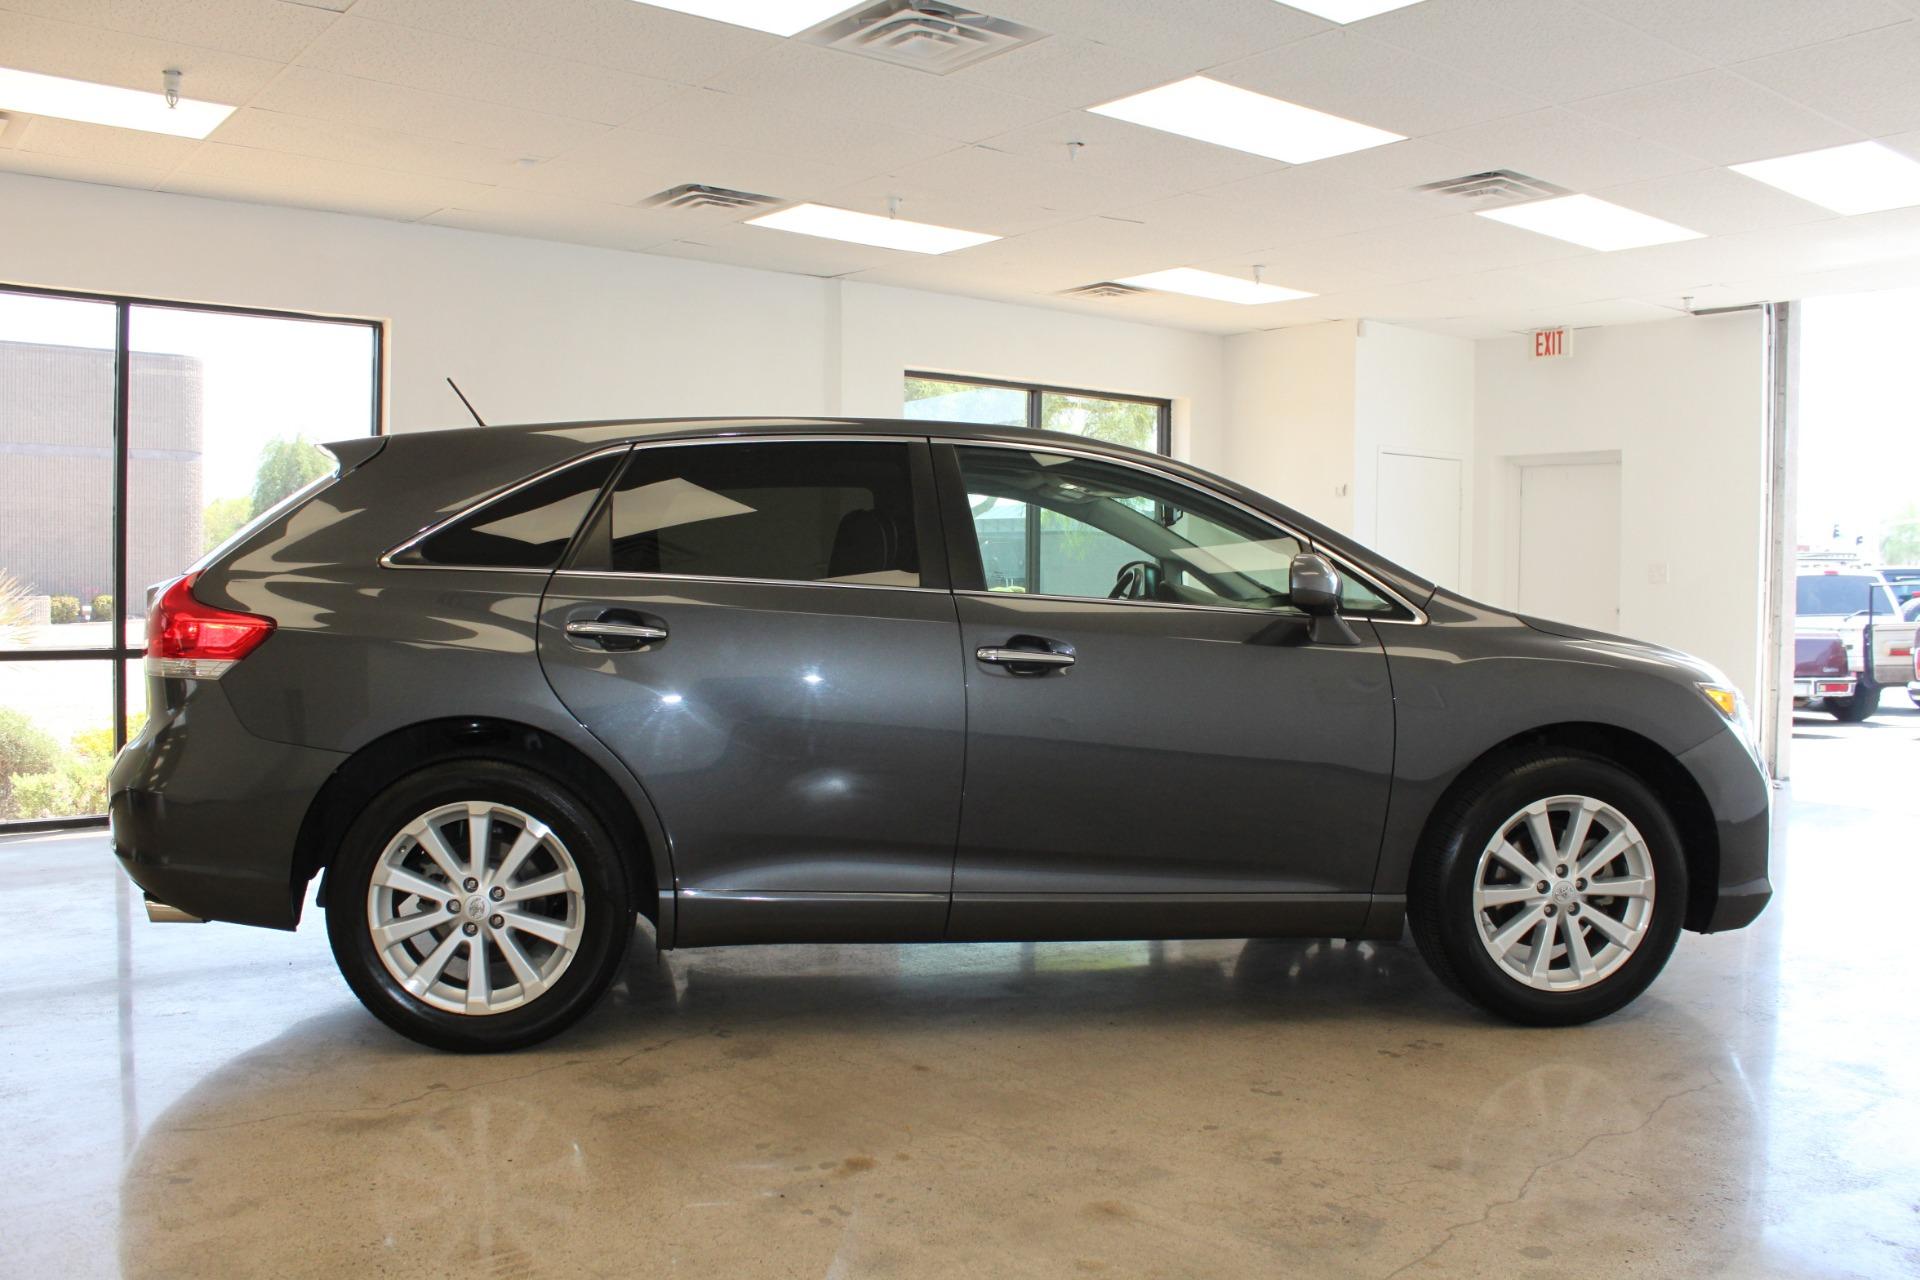 Used-2009-Toyota-Venza-SE-AWD-Chrysler